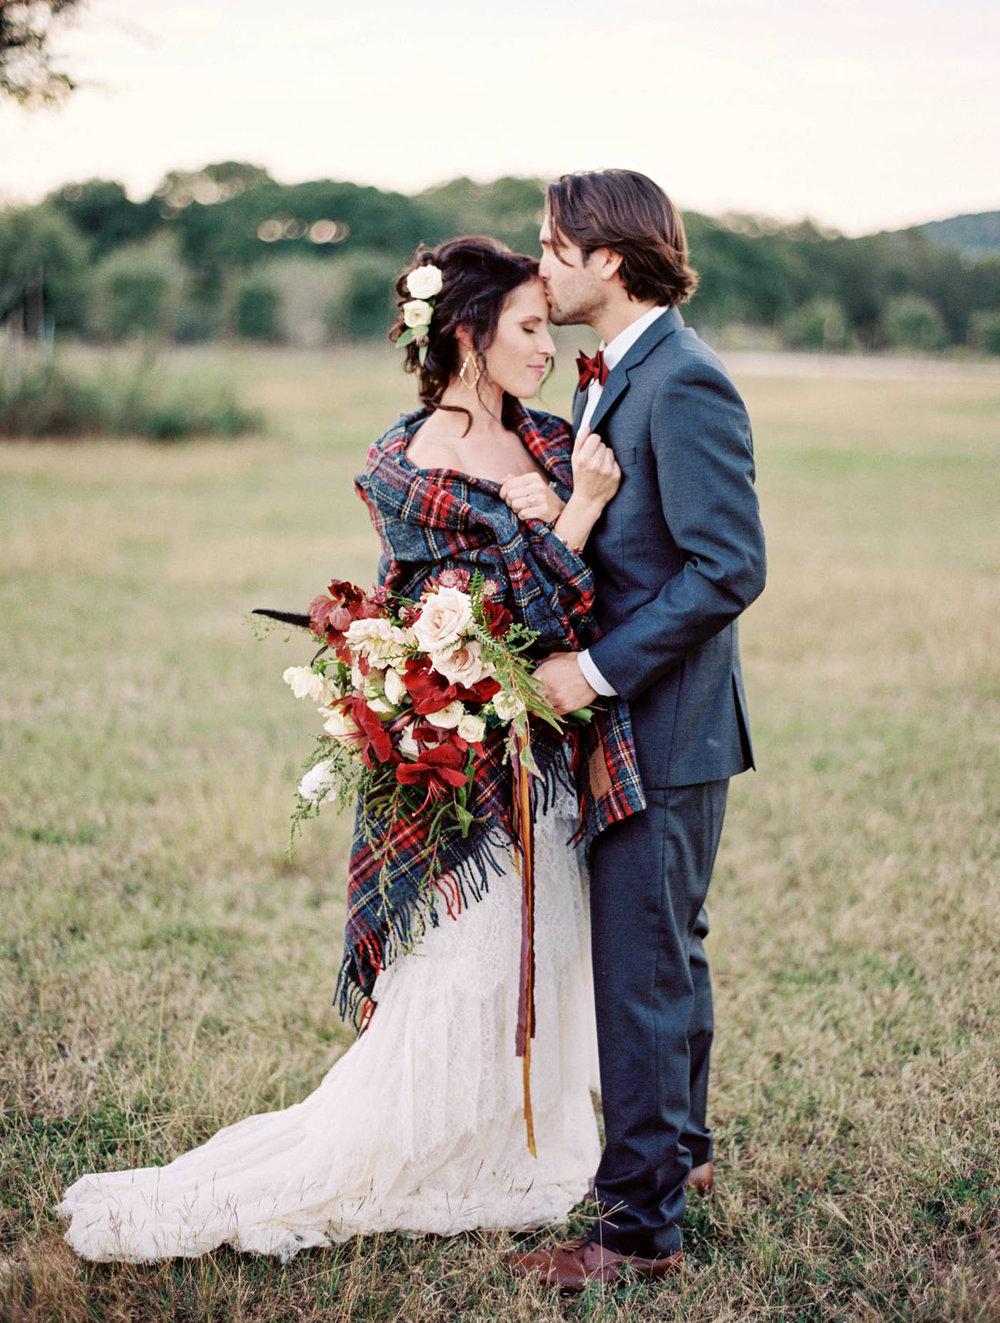 fall wedding flannel photos